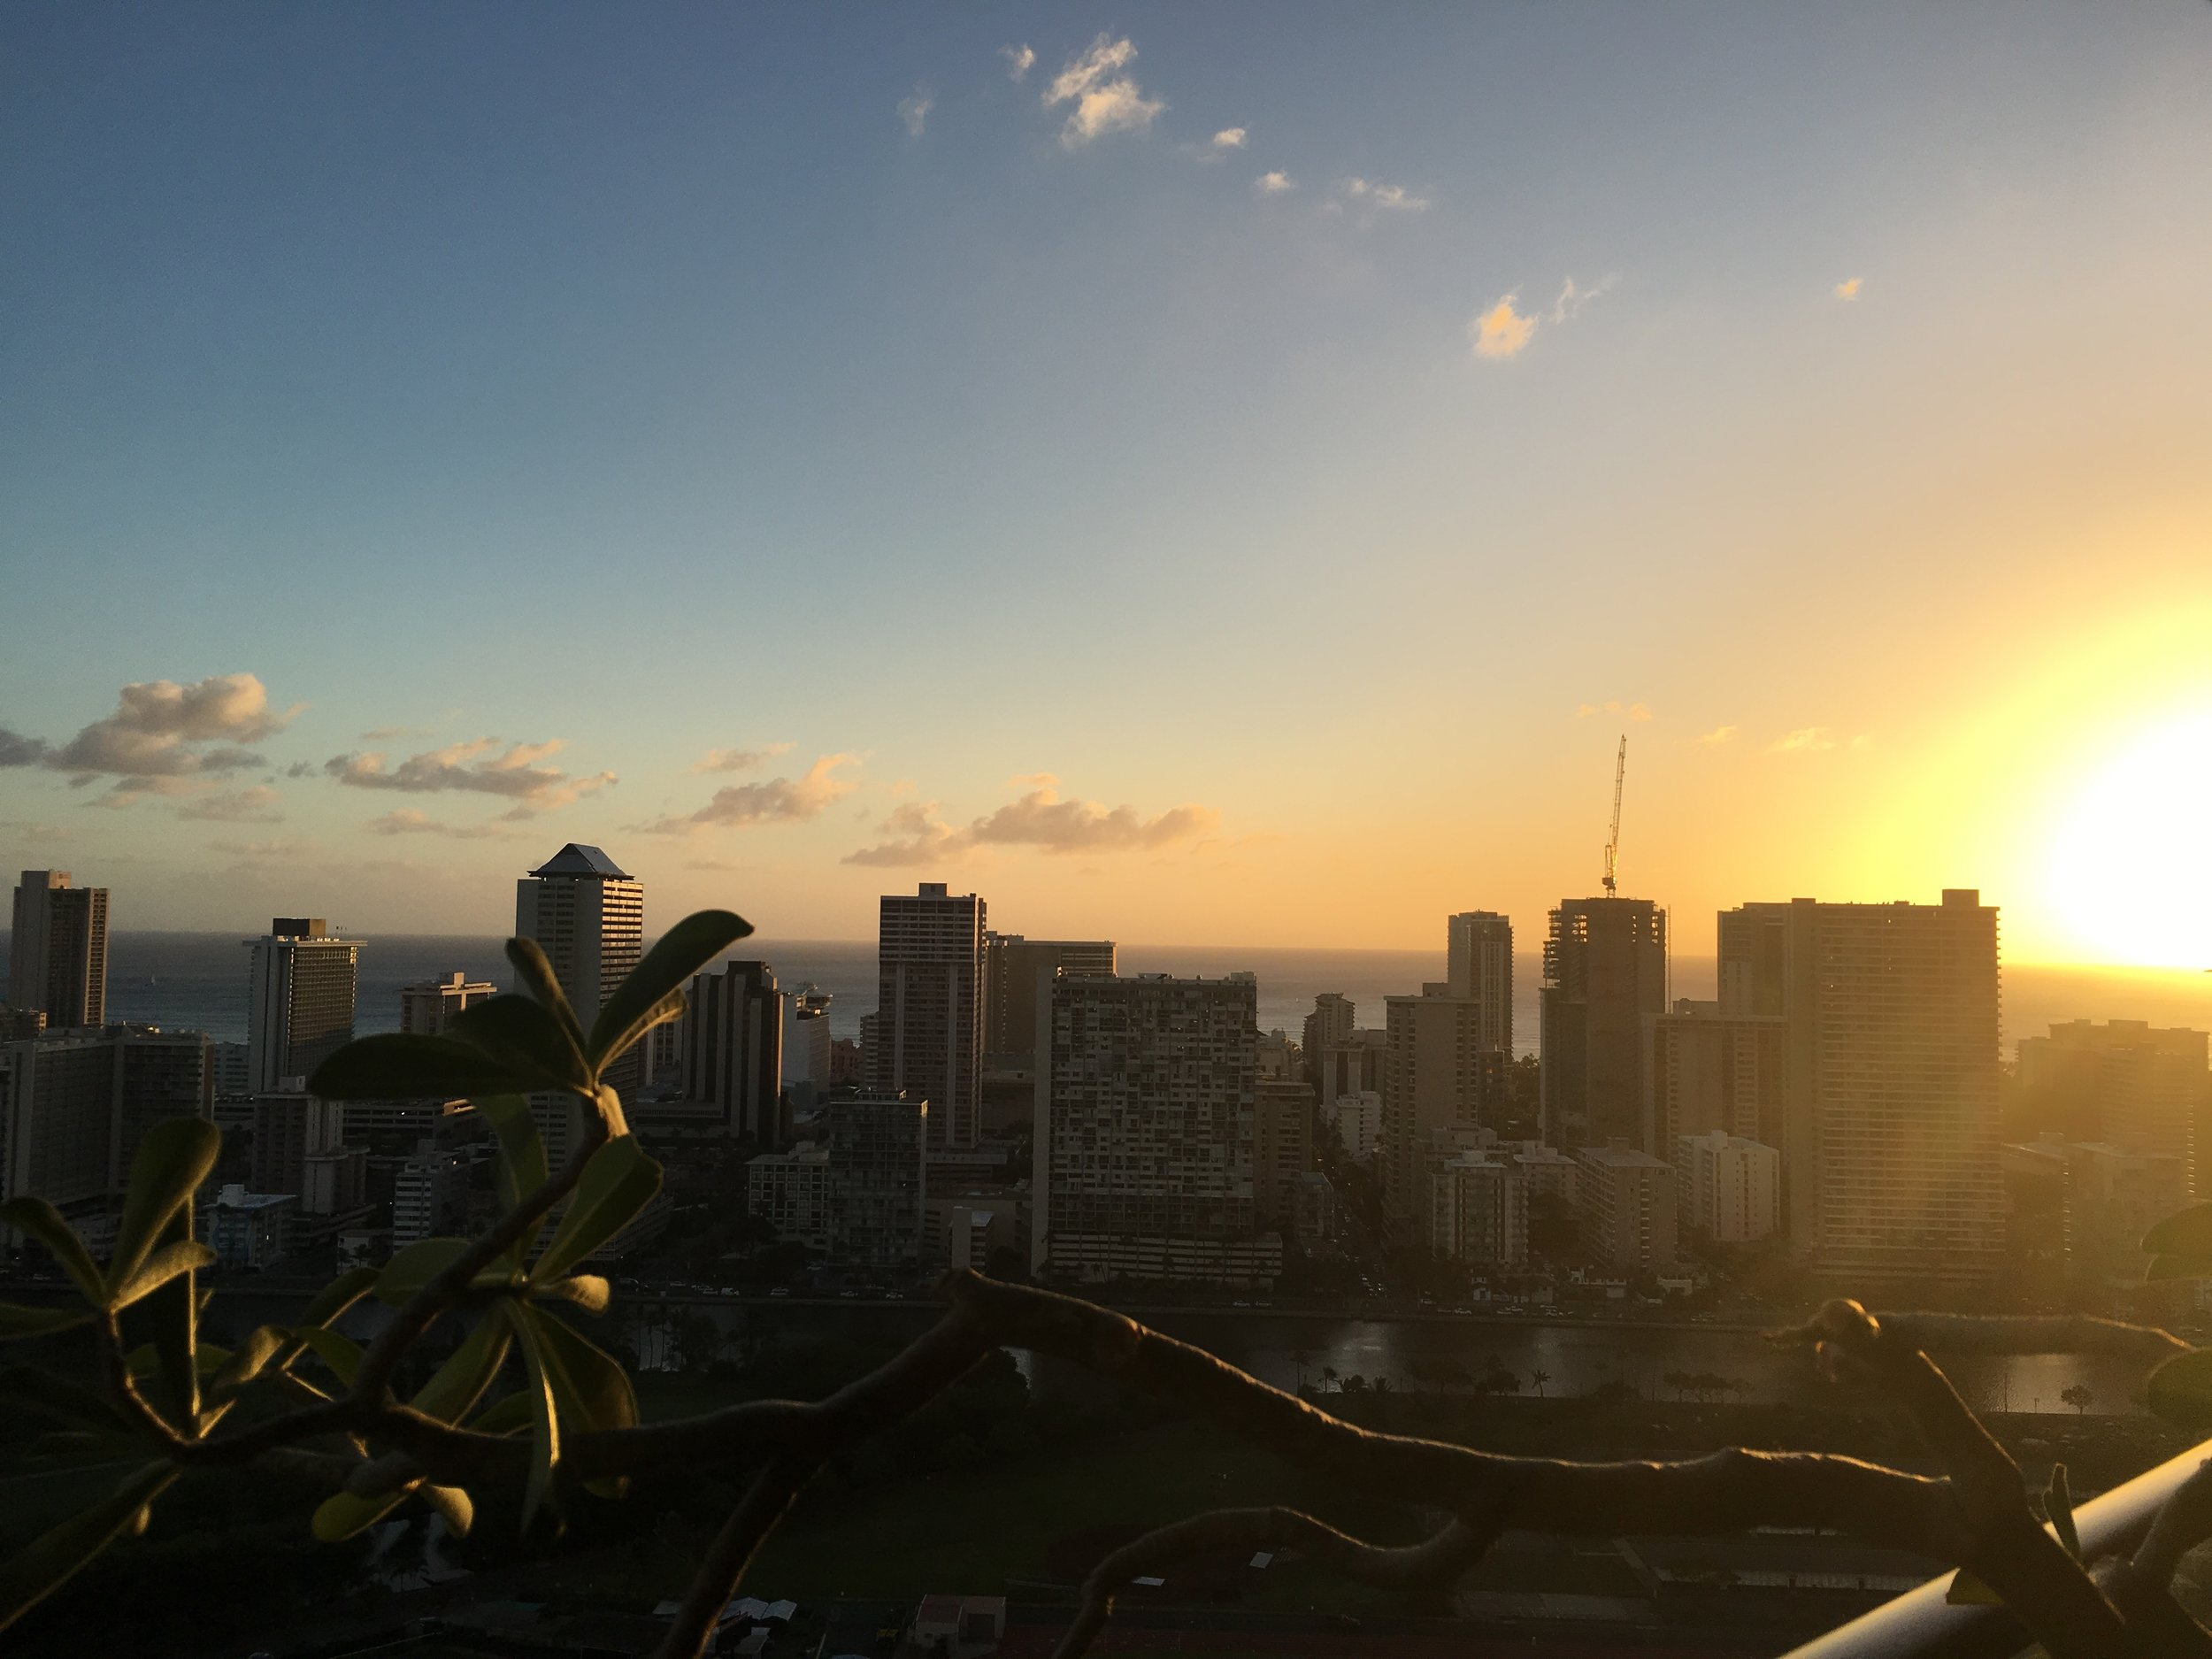 Hawaii on meethaha.com